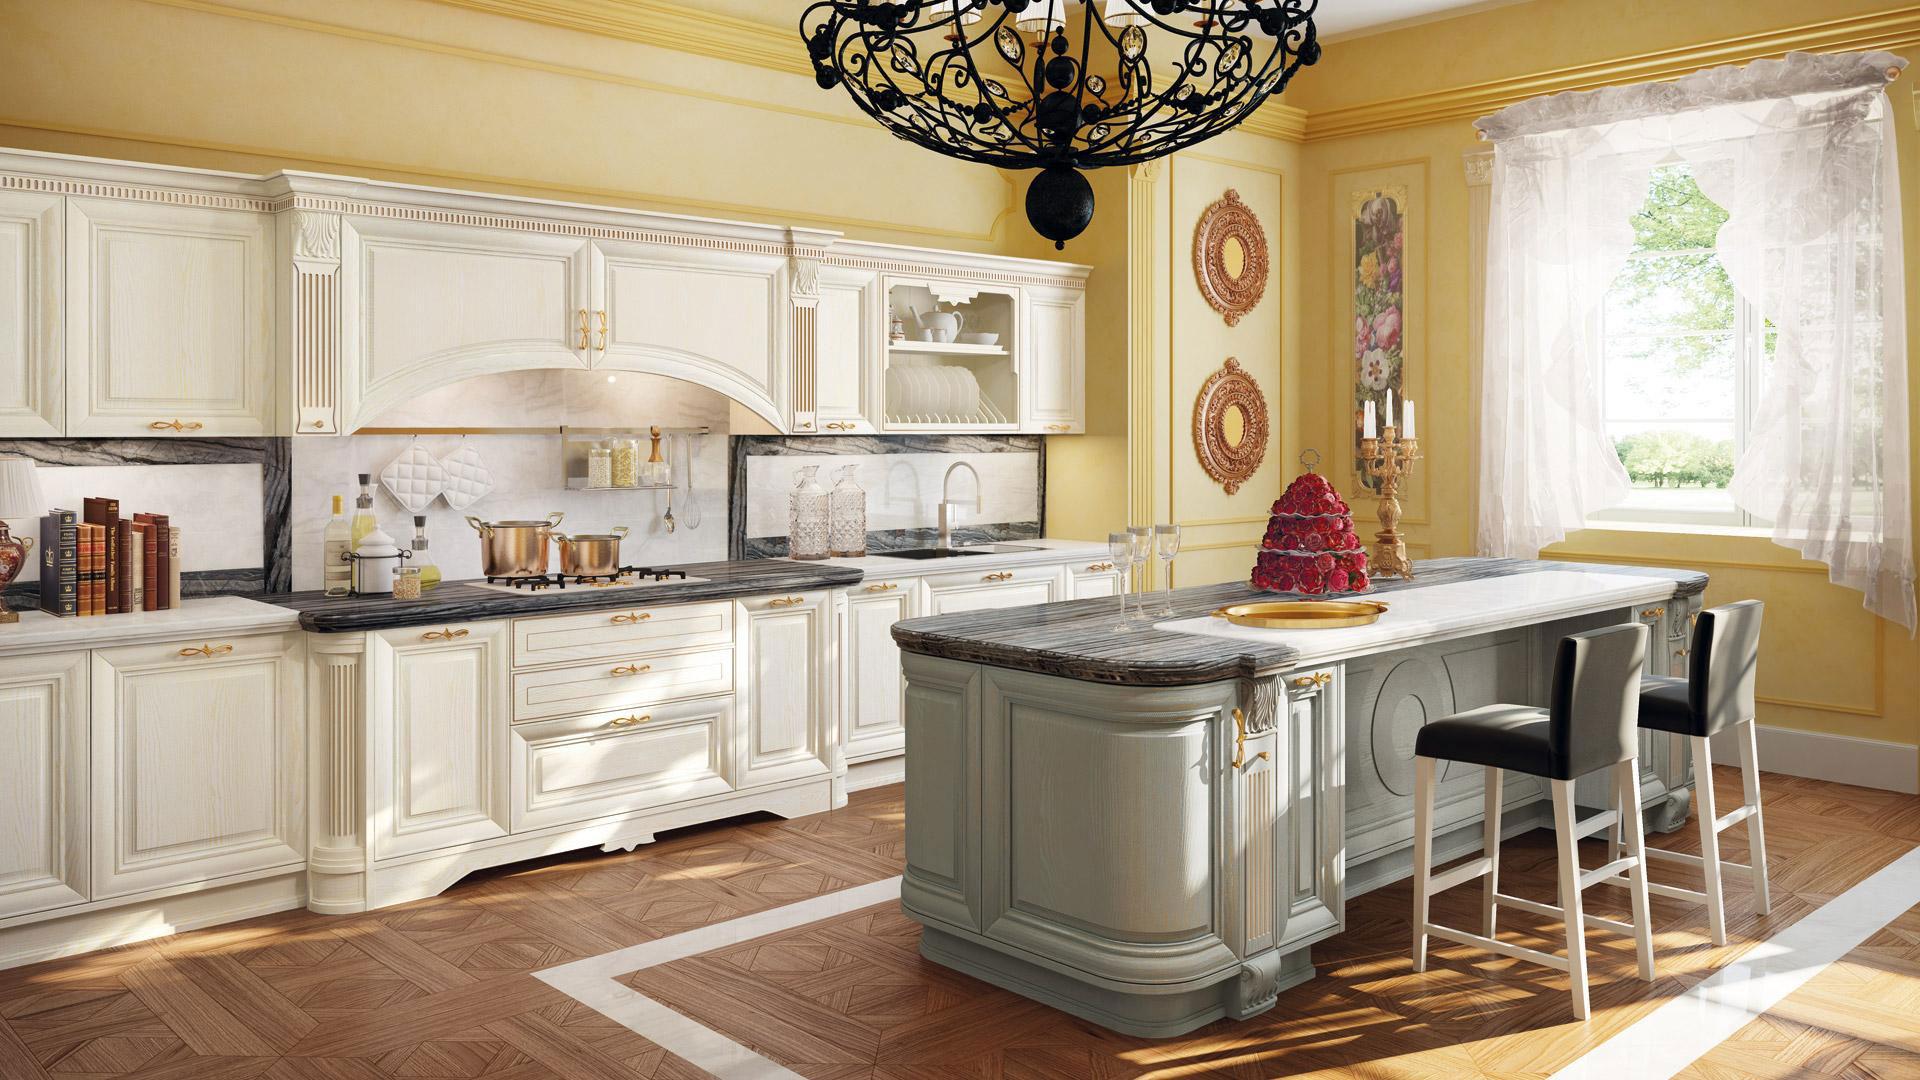 Cucine Classiche Lube Modello Pantheon 5 Perego Arredamenti